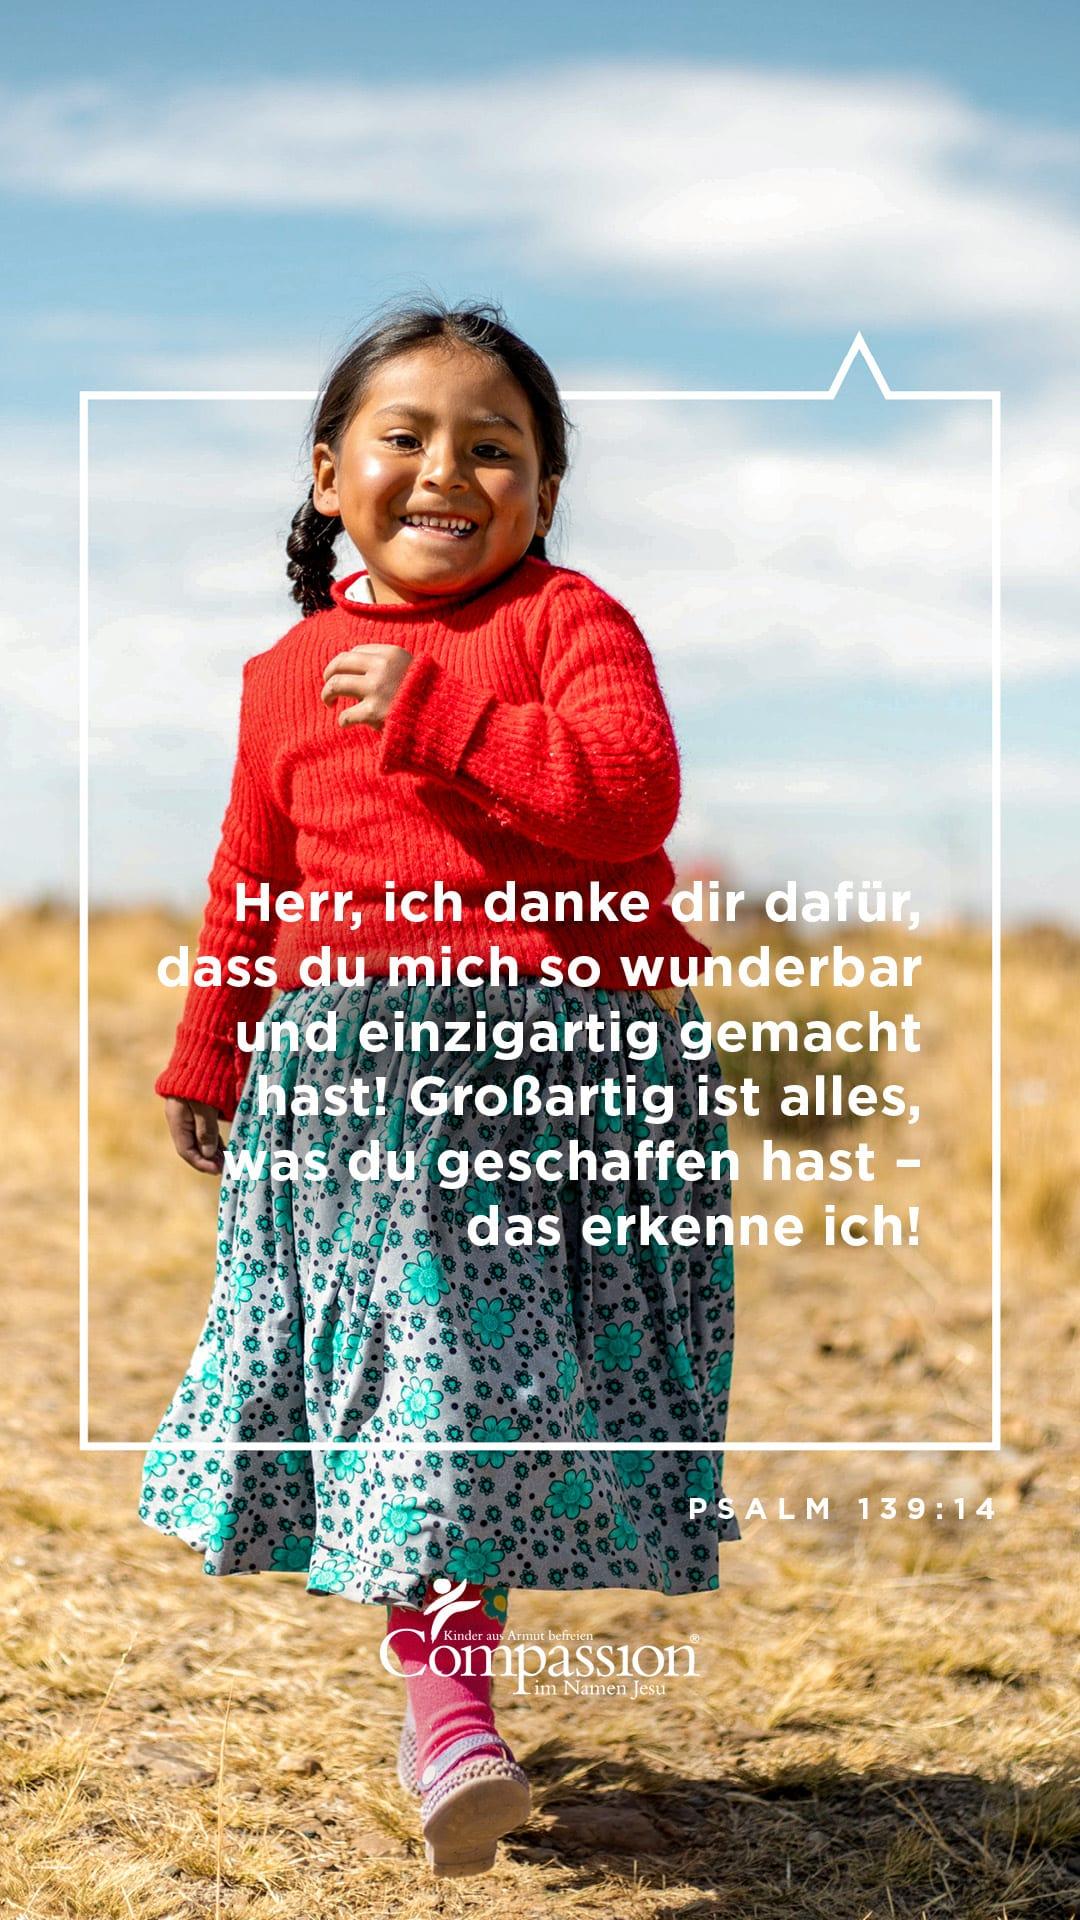 """alt=""""Psalm_139_14_Wallpaper_Compassion_Deutschland"""""""